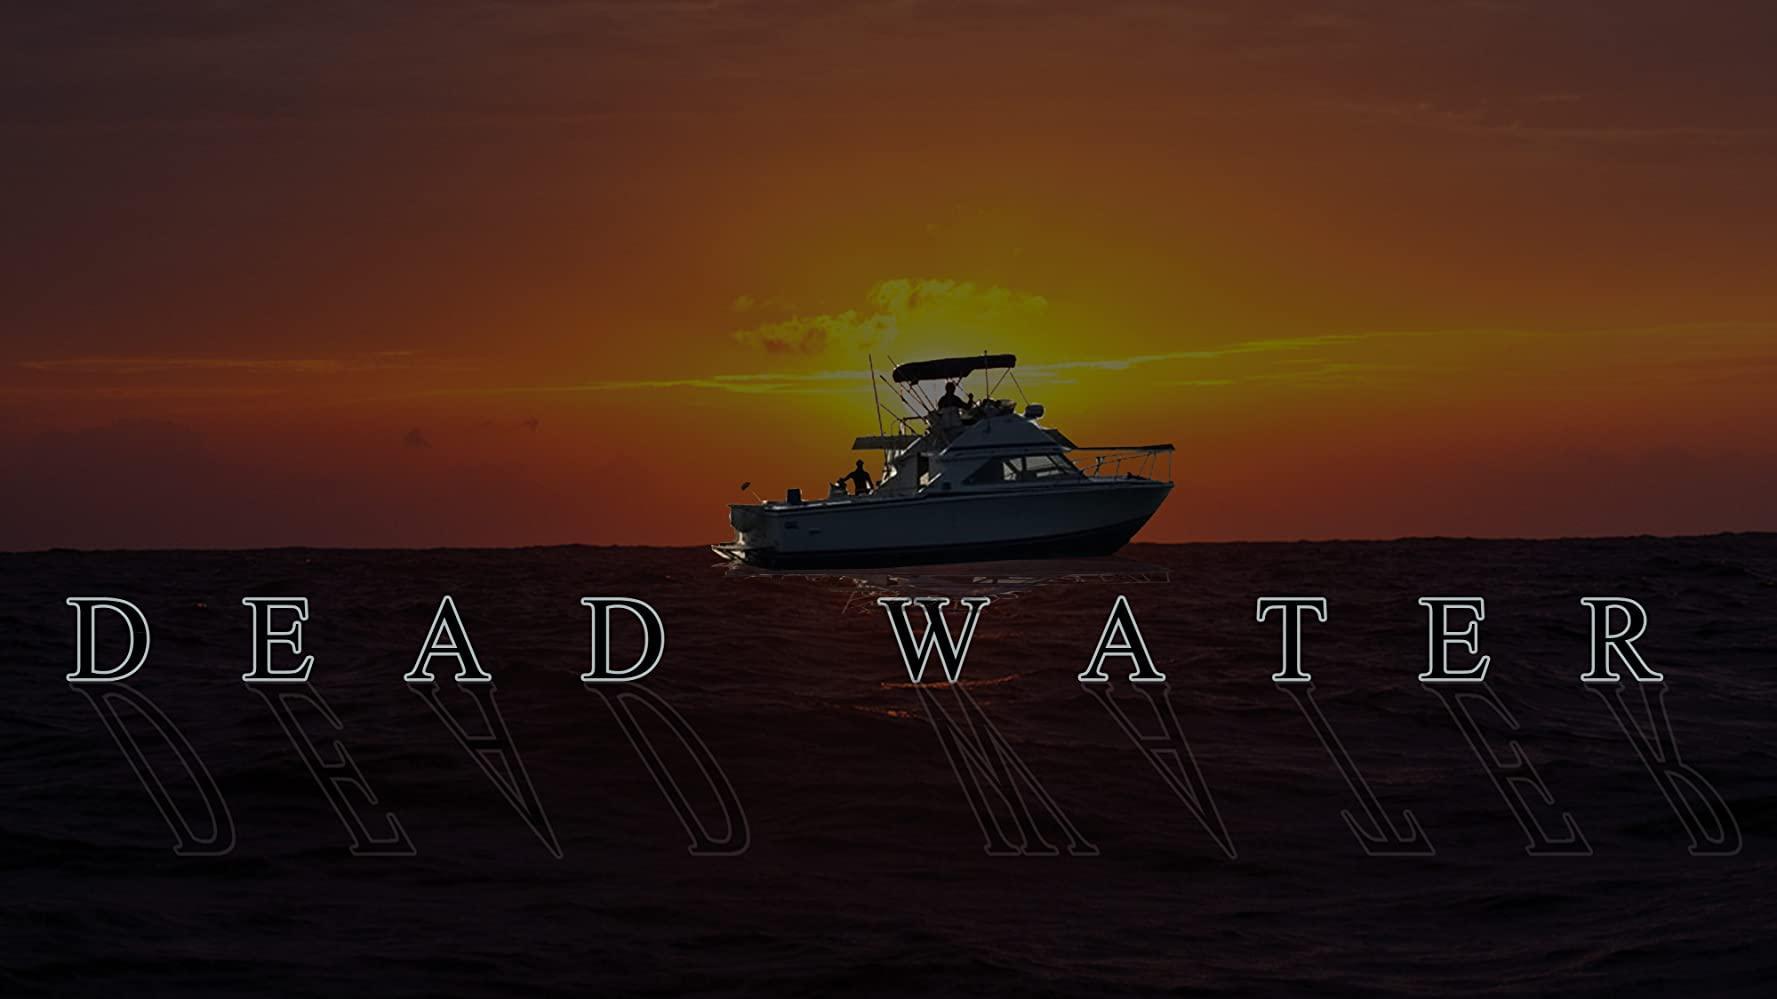 مشاهدة فيلم Dead Water (2019) مترجم HD اون لاين